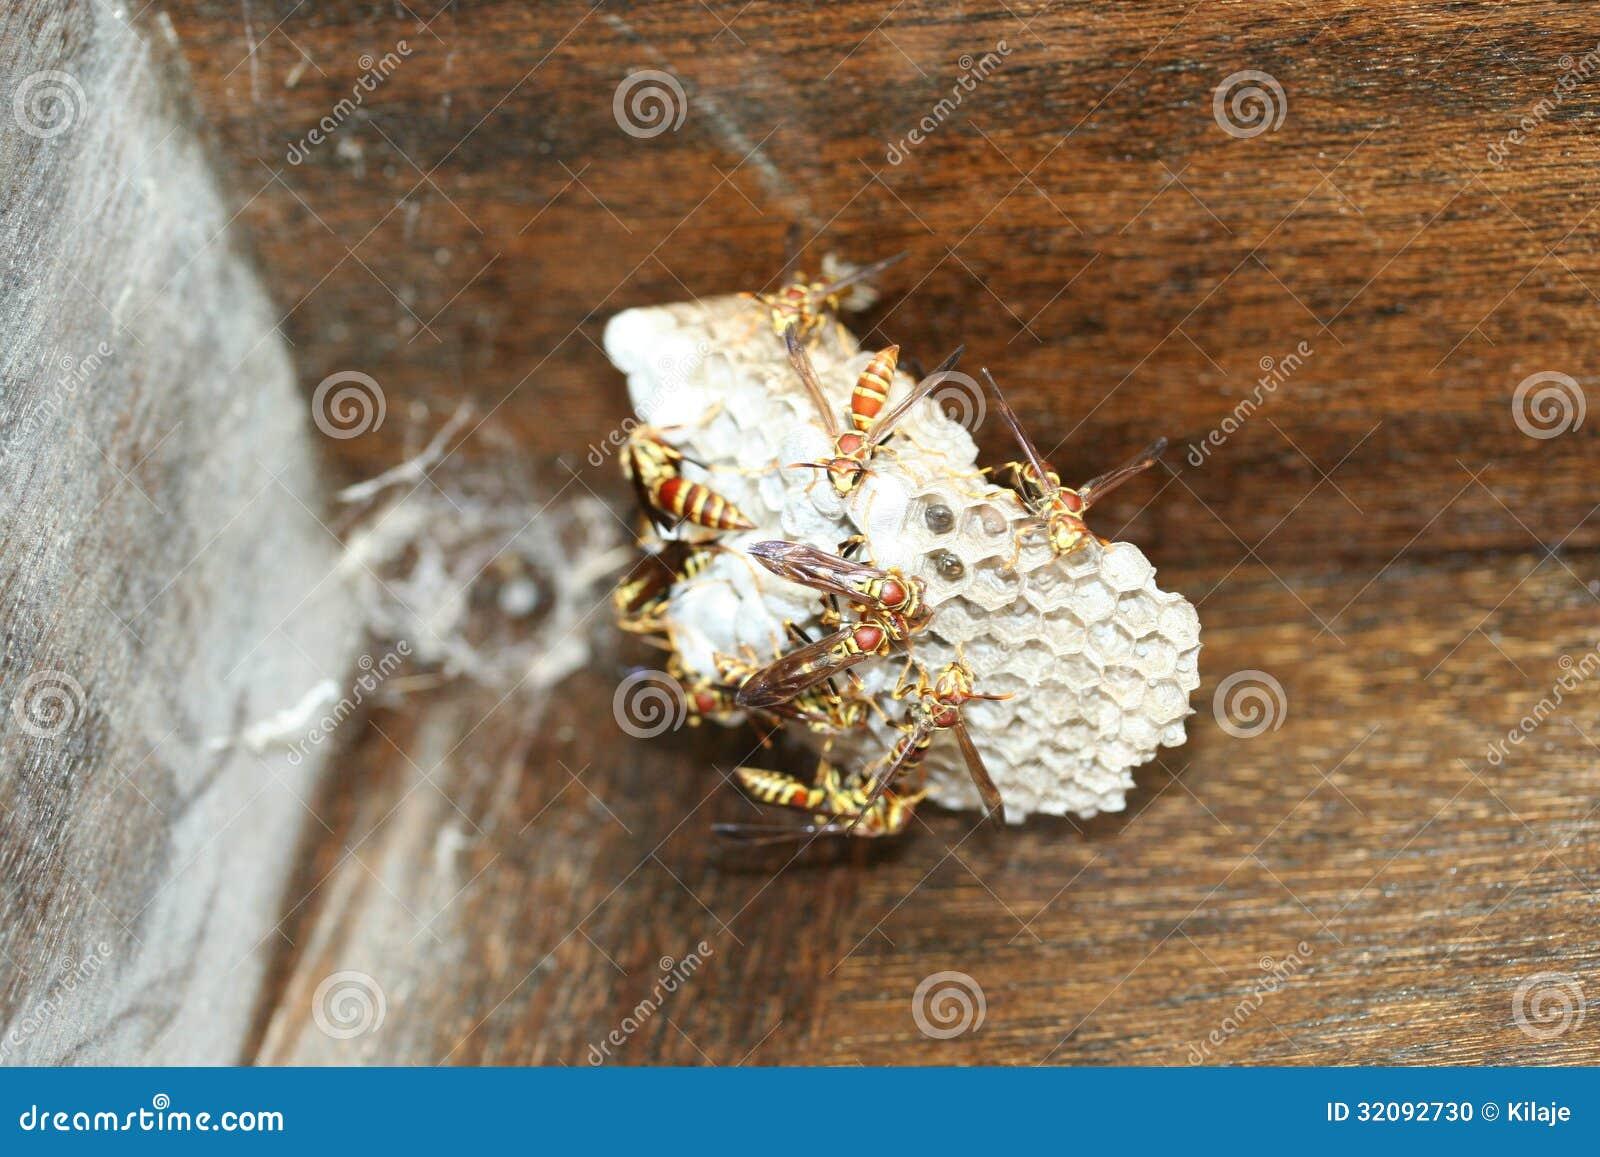 erschreckende stechende insekten stockfoto bild 32092730. Black Bedroom Furniture Sets. Home Design Ideas